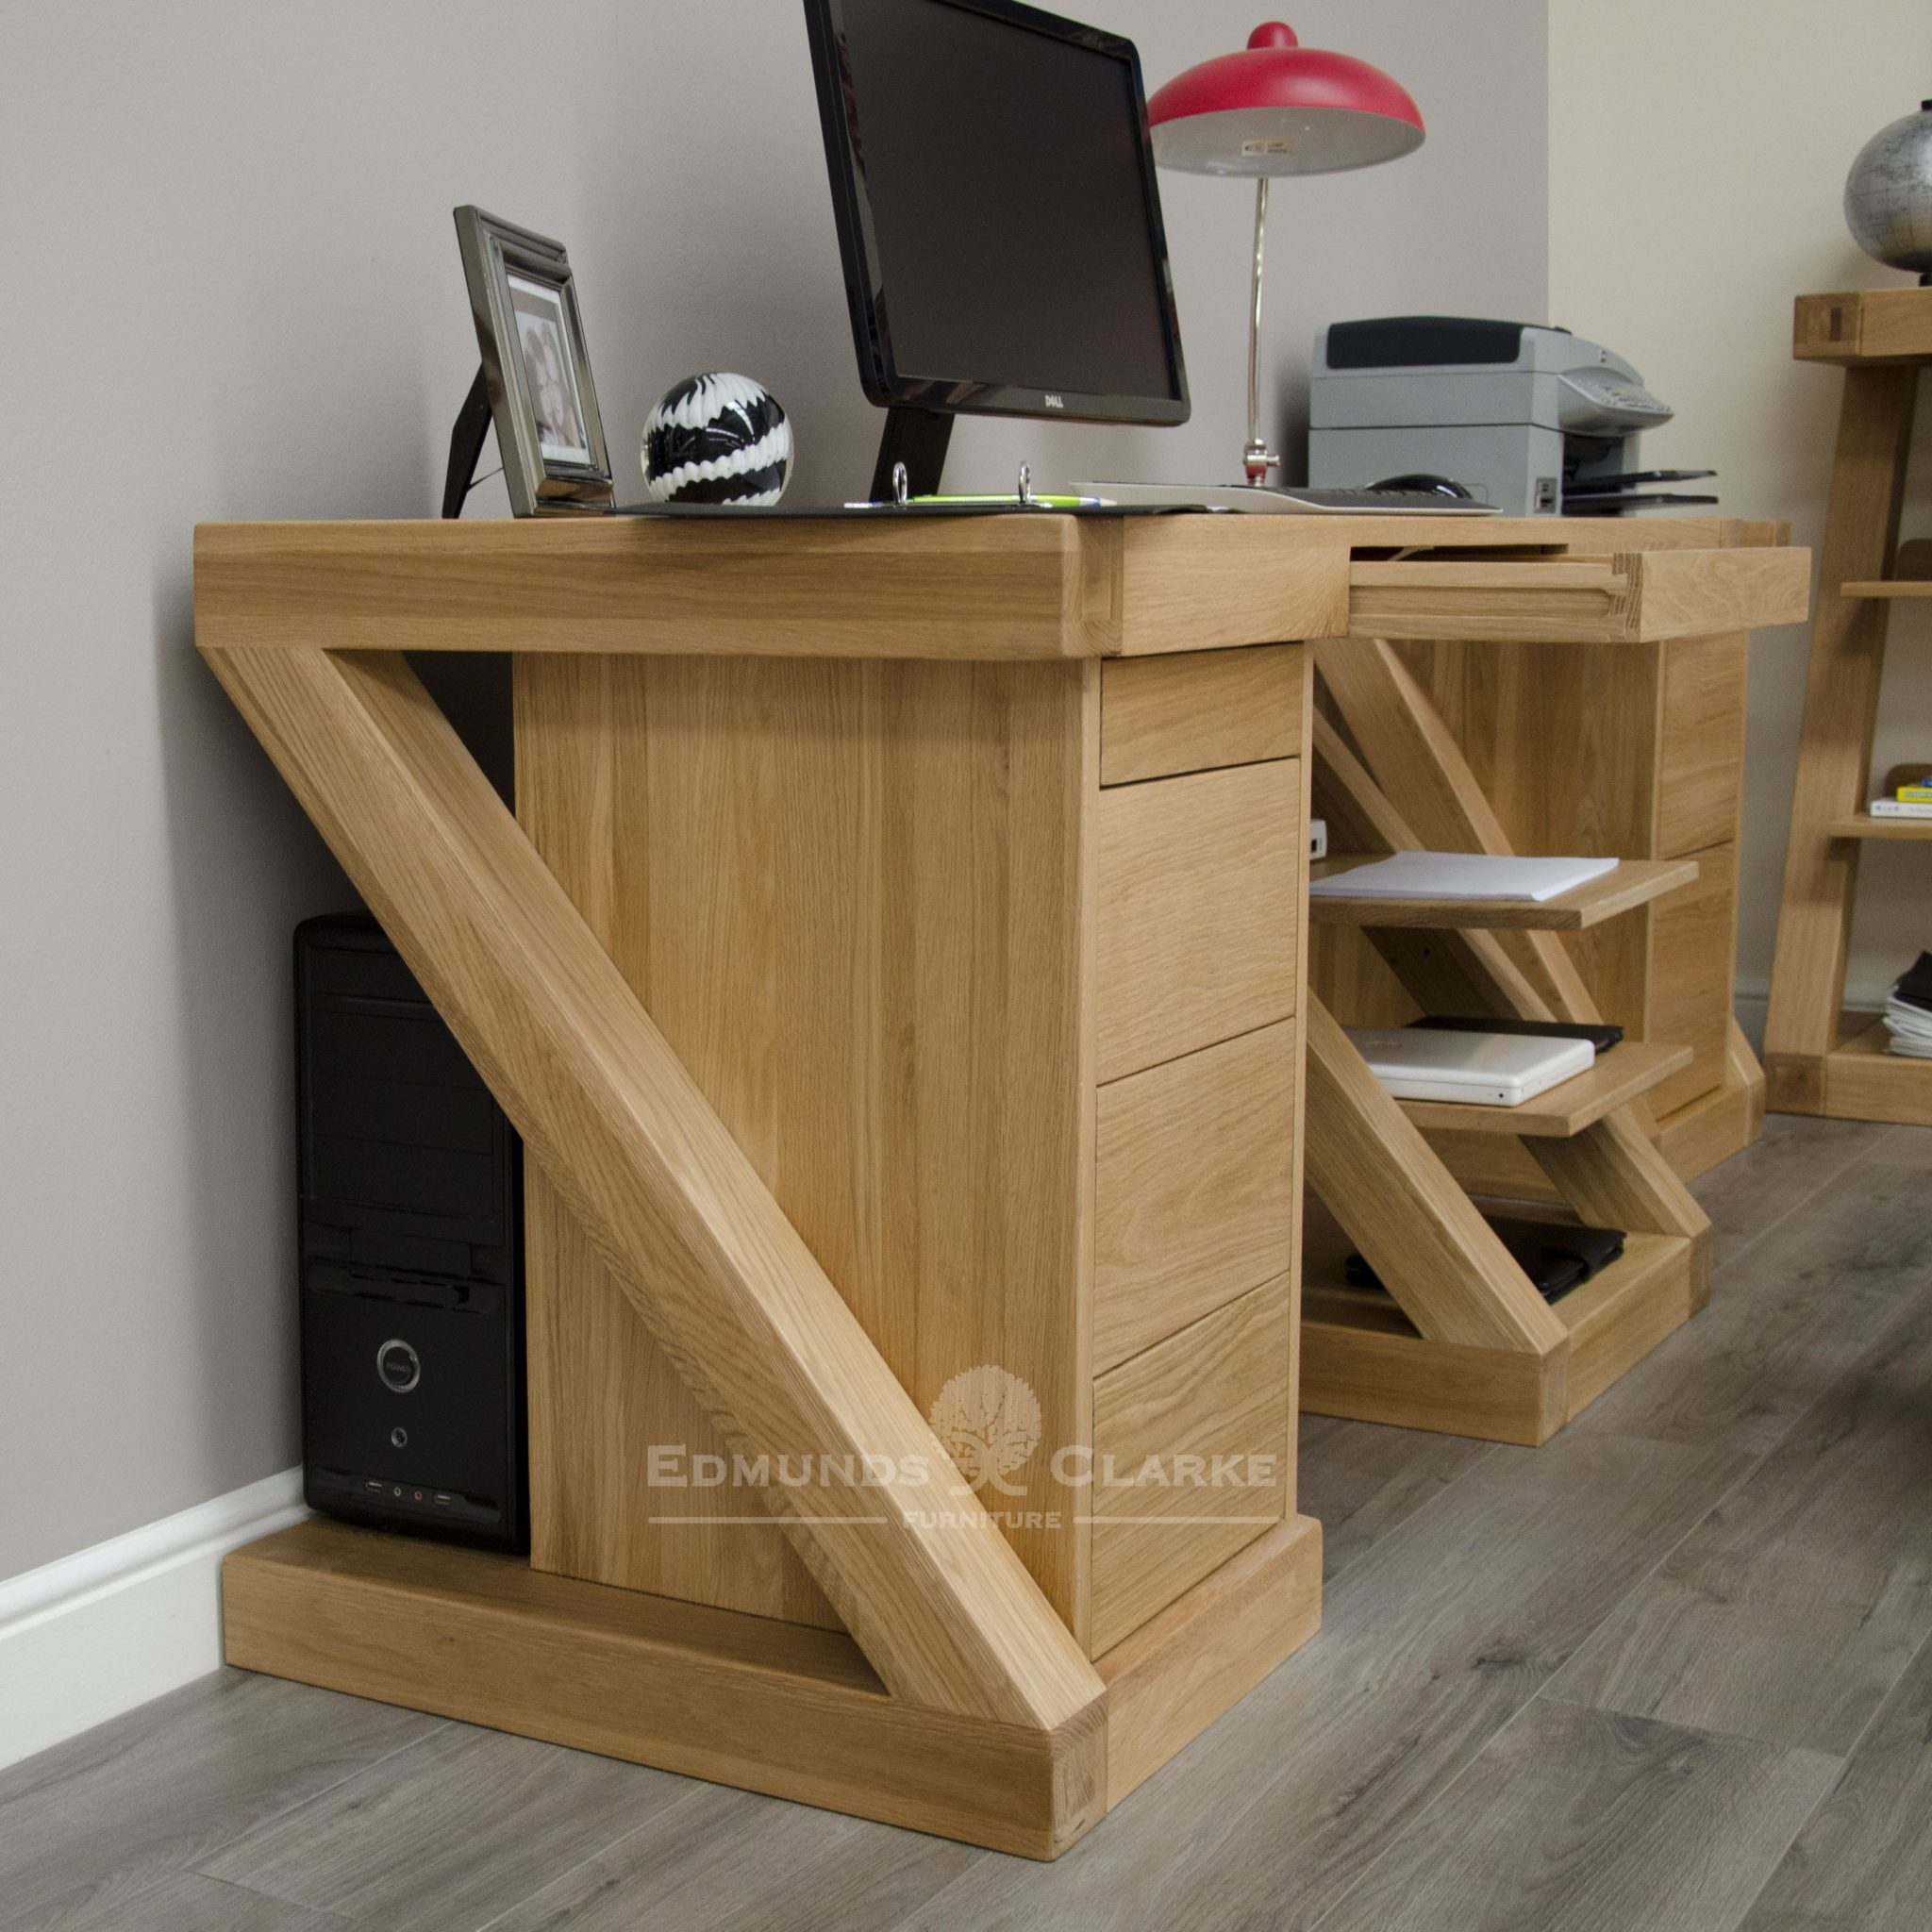 ZCDL Z designed solid oak large computer desk